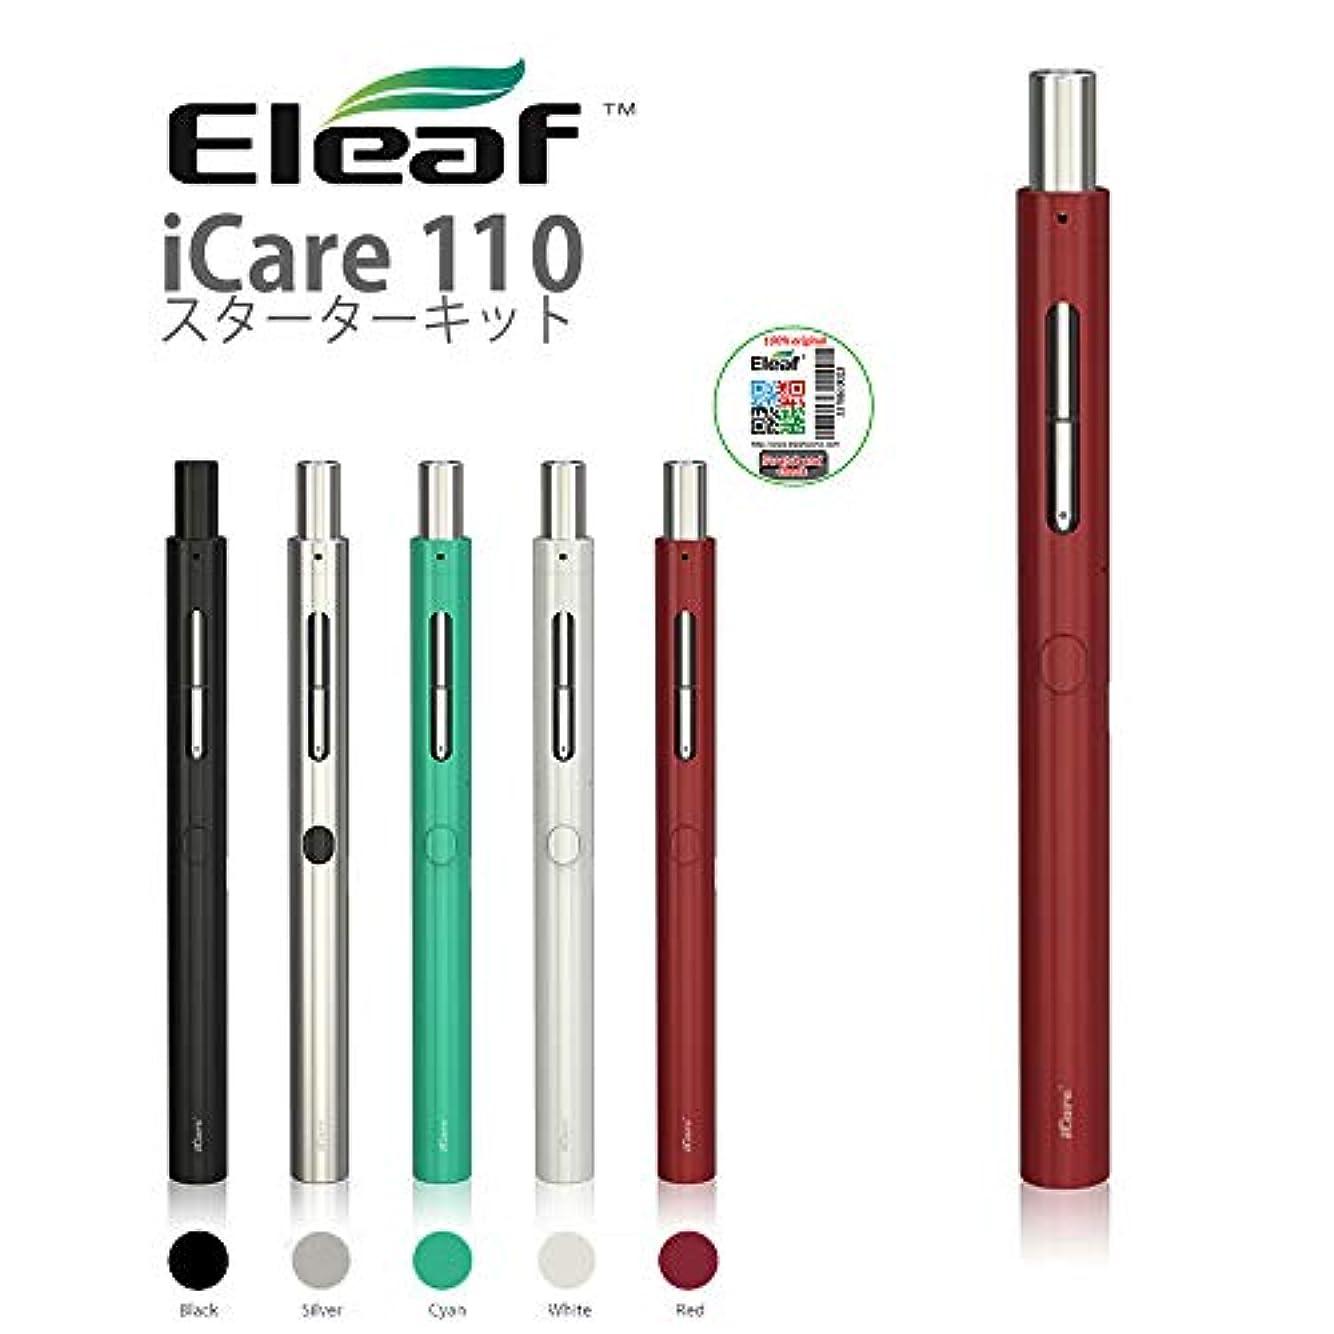 押し下げるヤギ限りなく電子タバコ Eleaf(イーリーフ) iCare 110 (アイケア) スターターキット VAPE ベイプ (レッド)